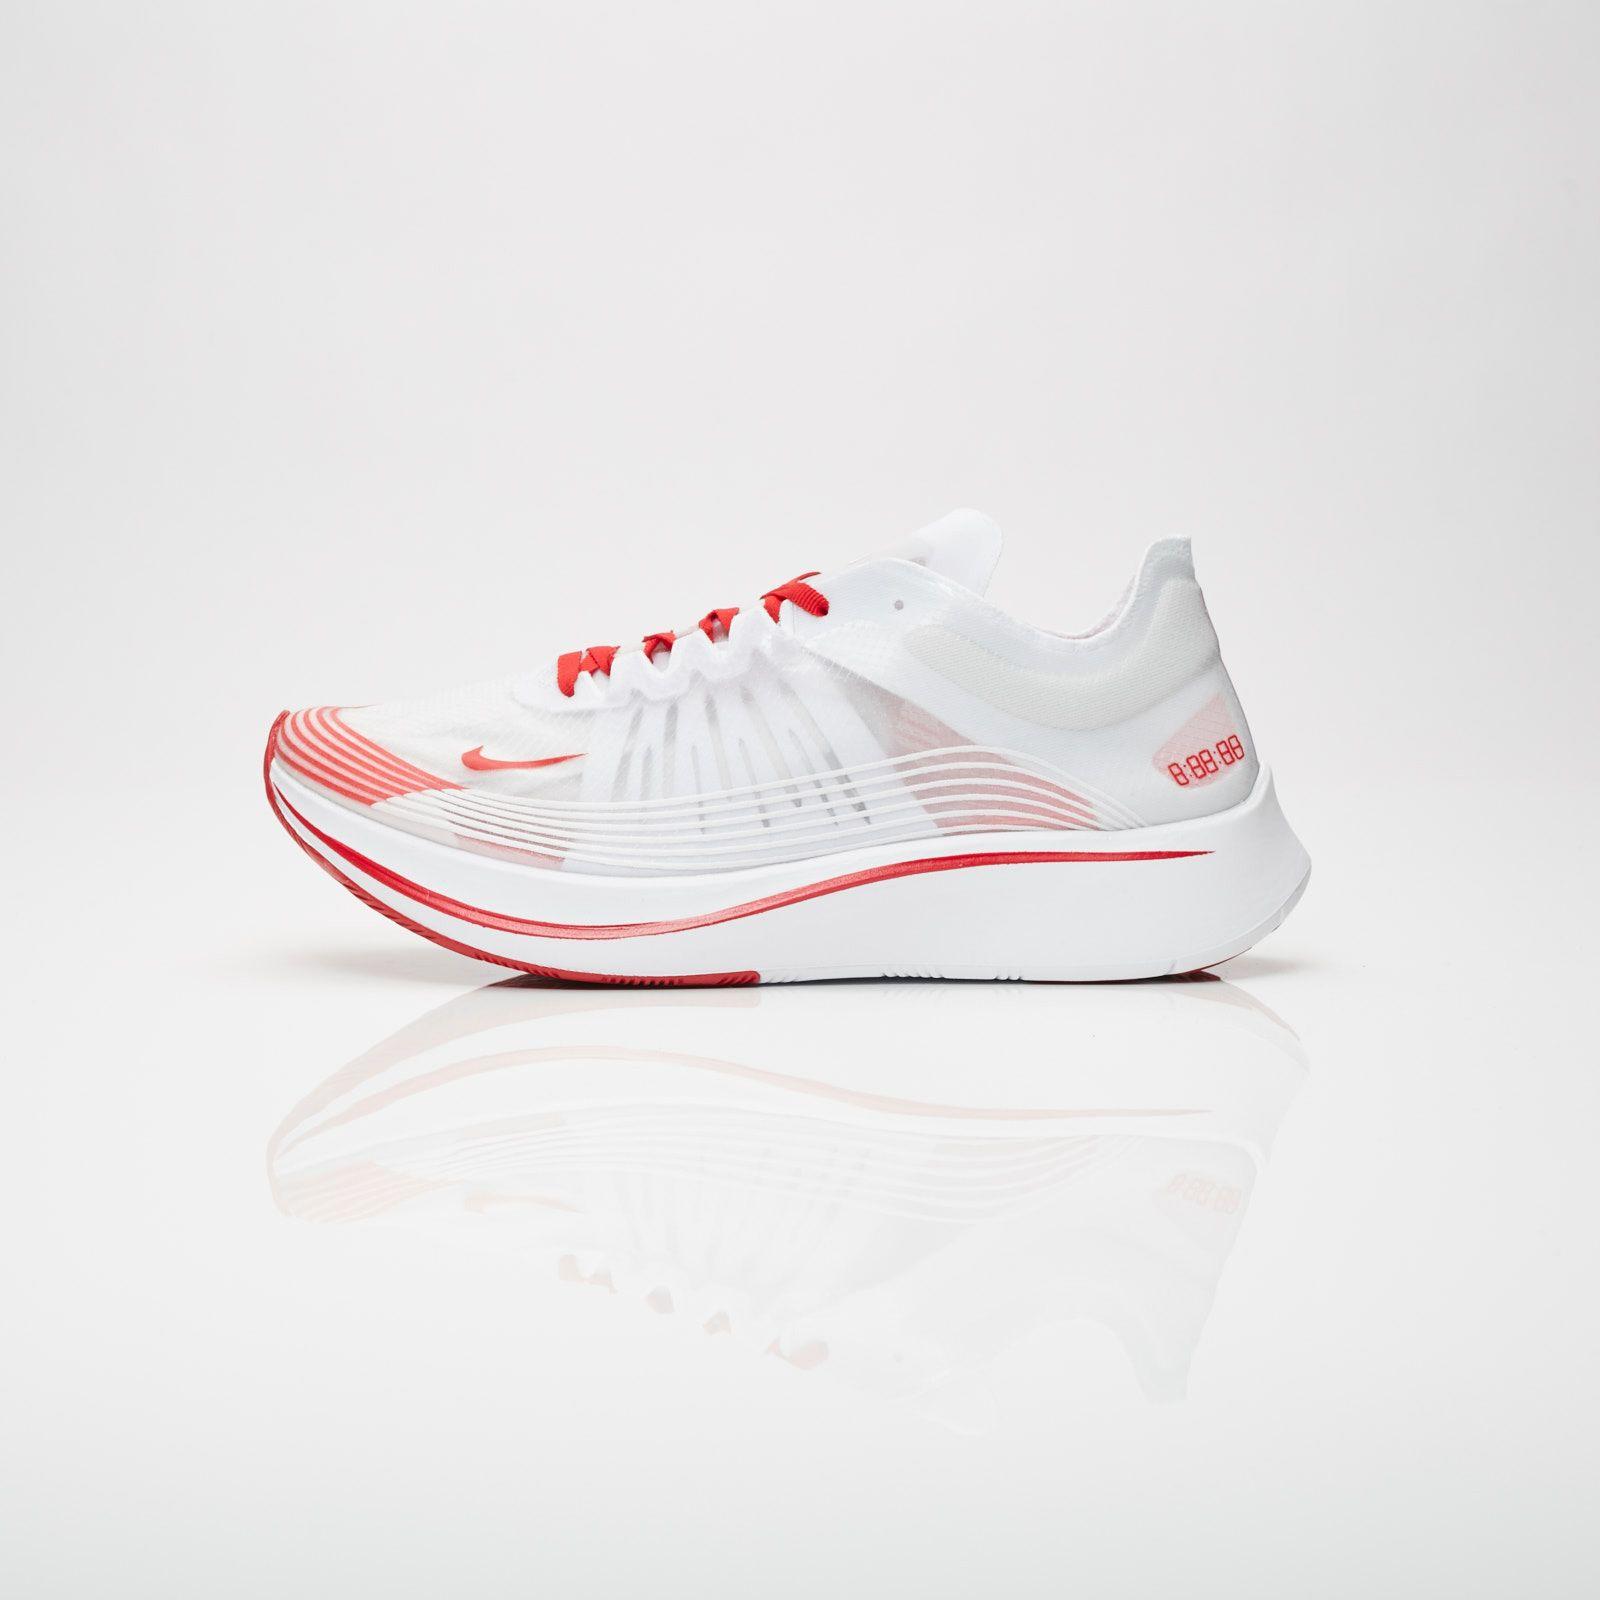 1999 100 amp; Streetwear Since Online Nike Sp Sneakers Aj9282 Fly Sneakersnstuff Zoom IWqPpH